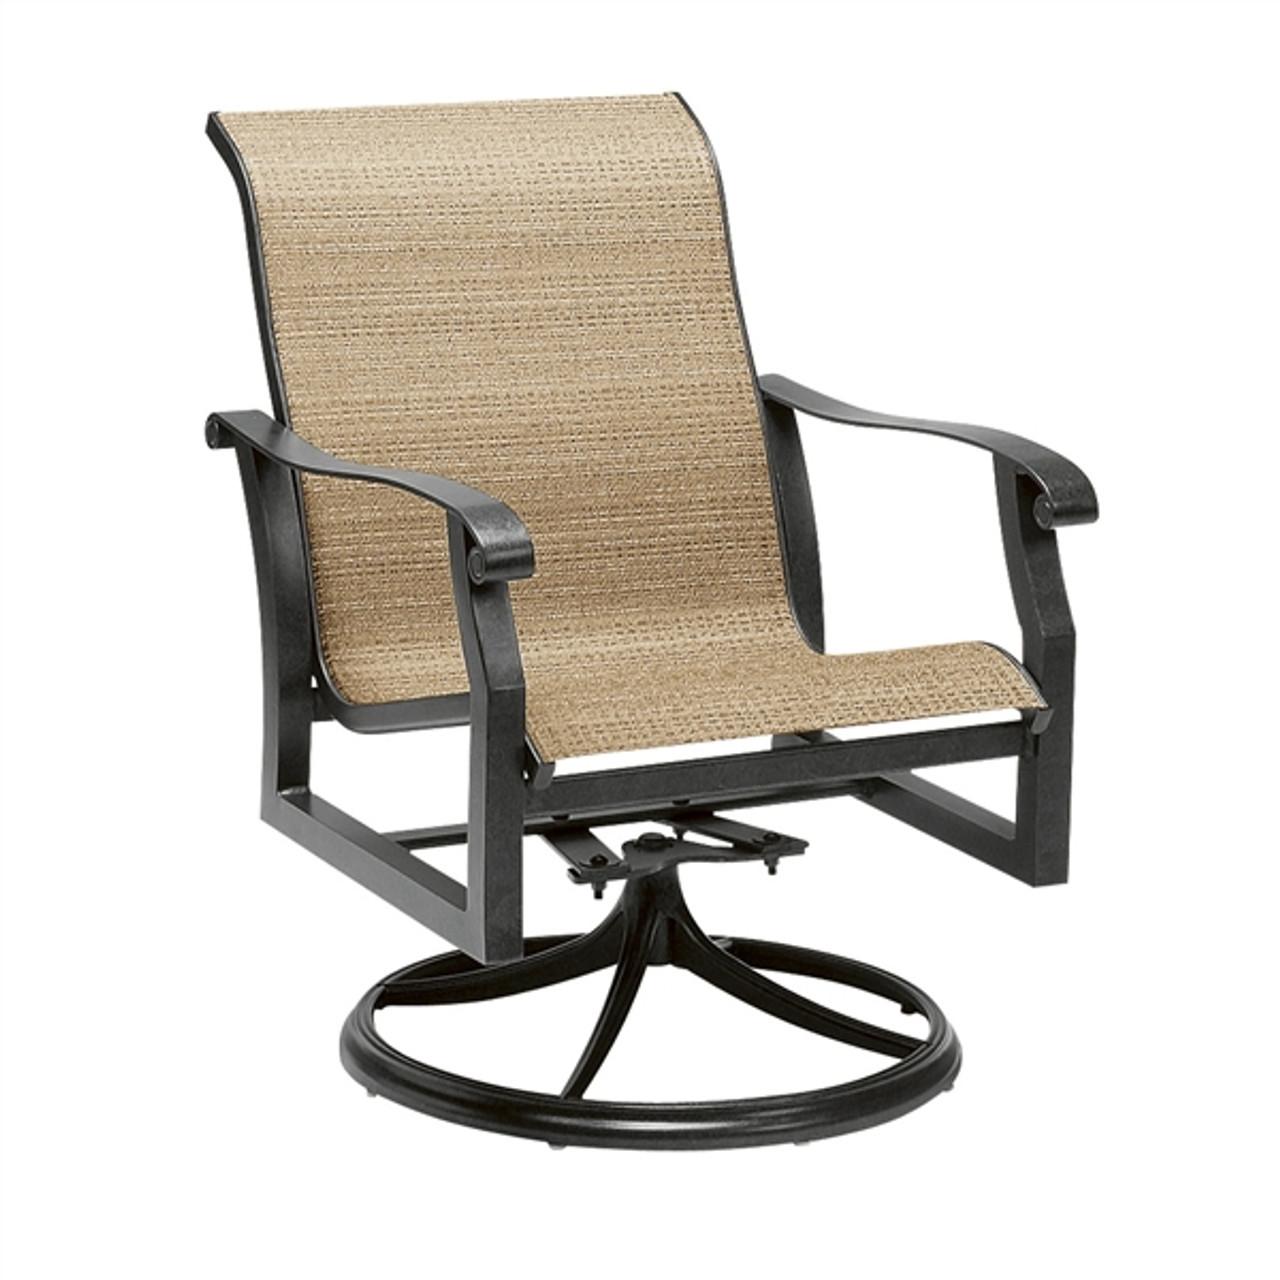 Woodard Sling Patio Furniture.Woodard Cortland Outdoor Sling Swivel Rocker